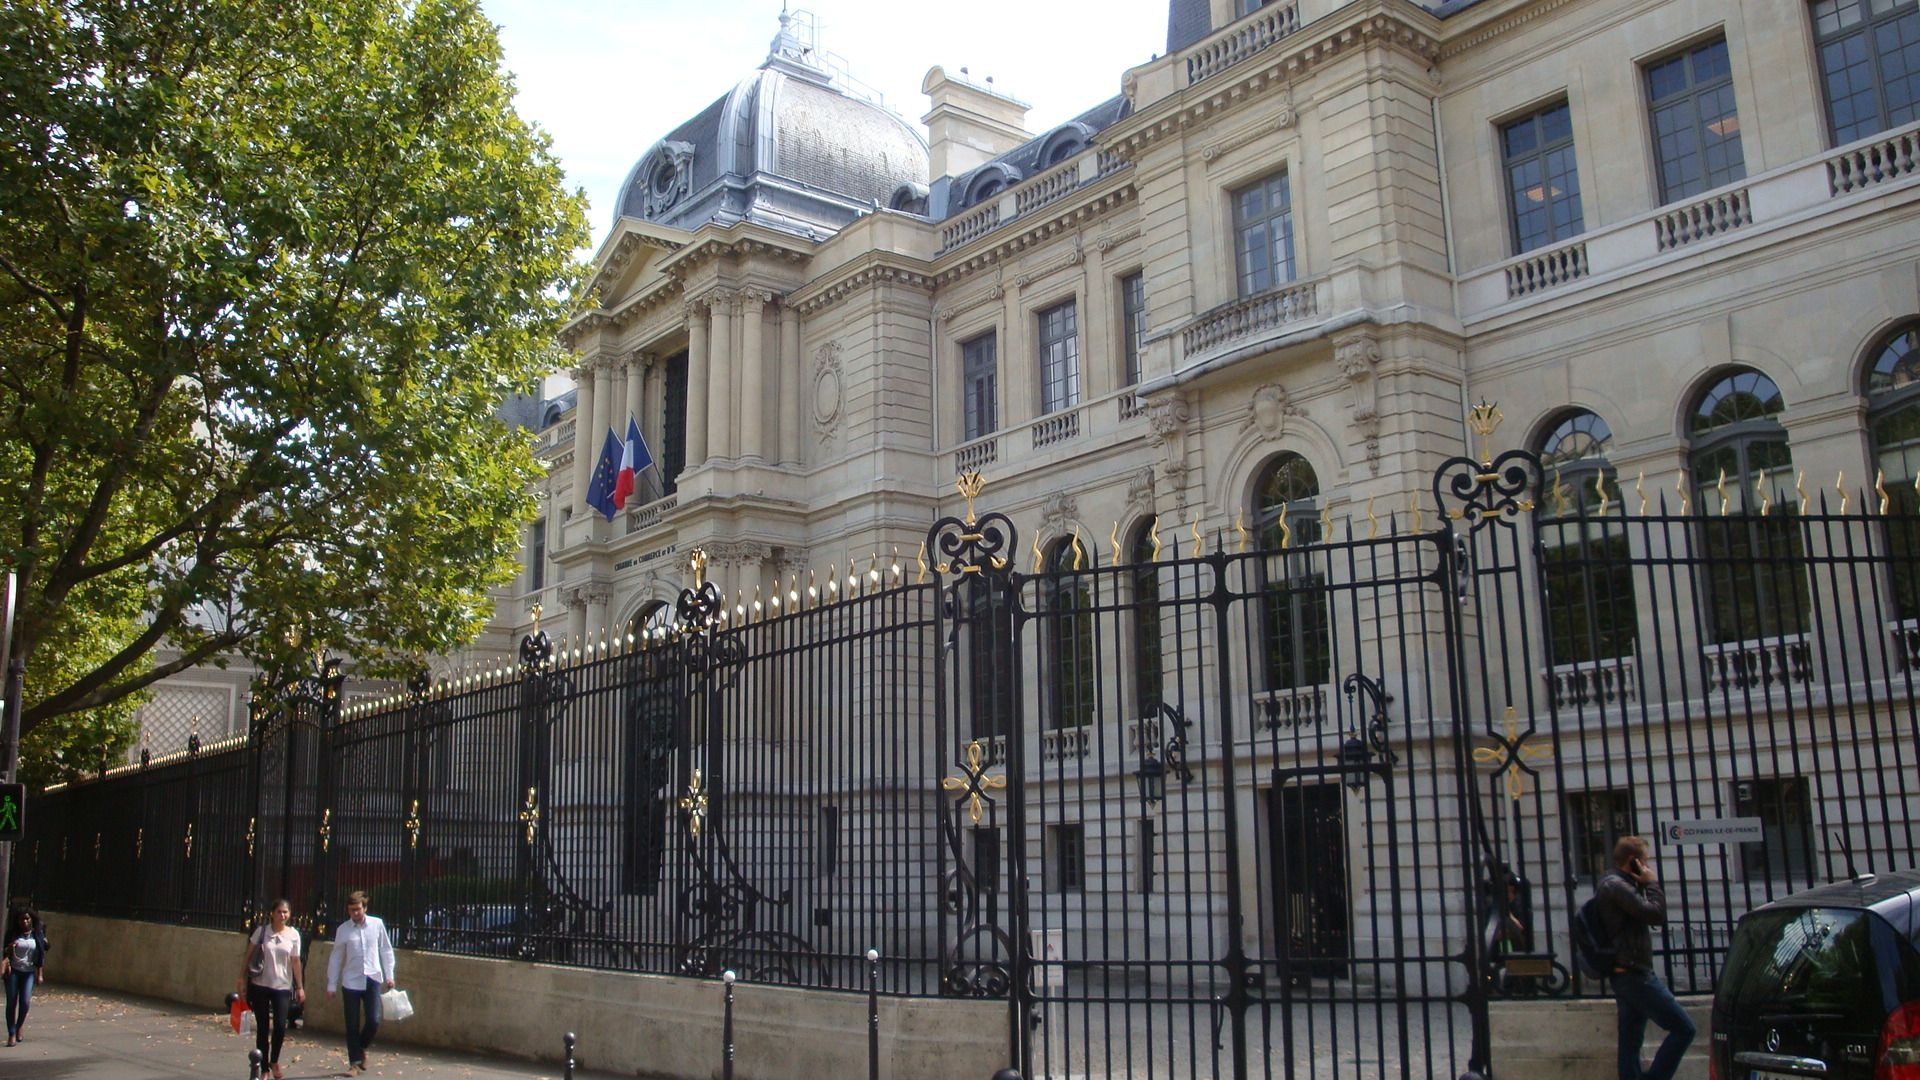 H tel potocki 1884 1927 27 avenue de friedland paris for Annuaire architecte paris